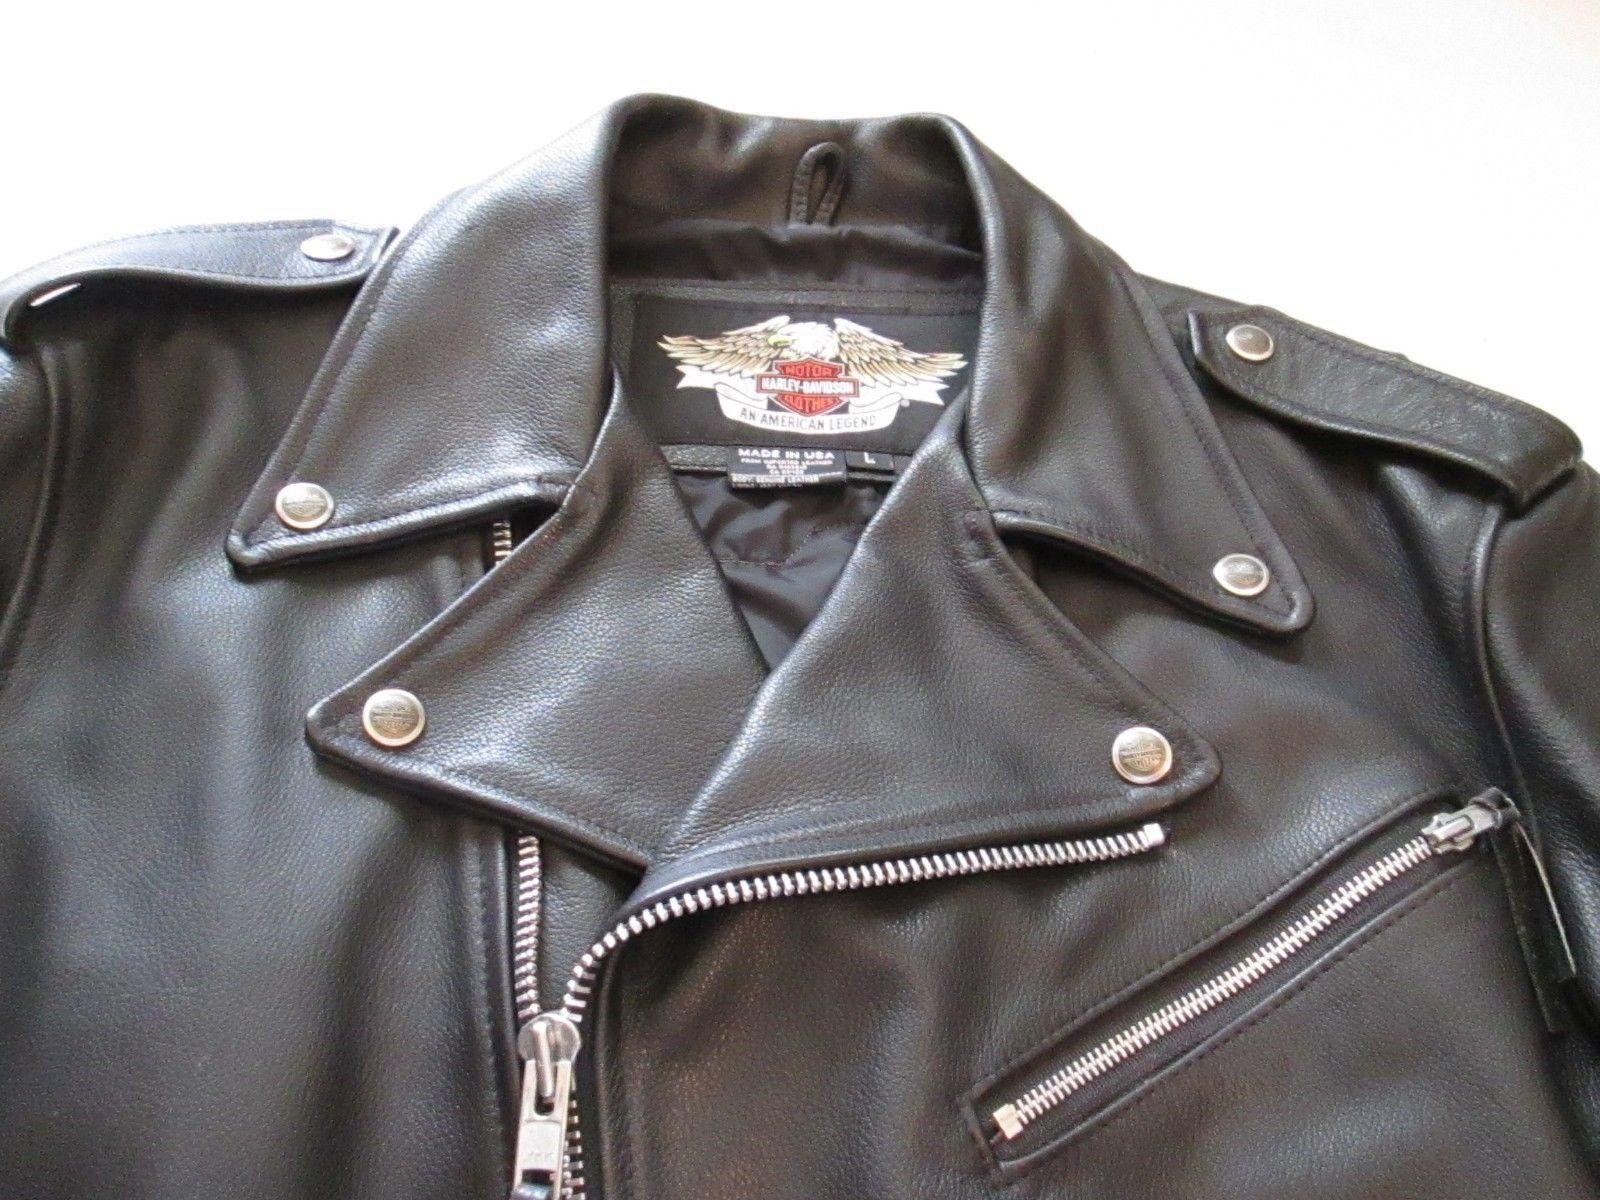 Harley Davidson Mens Basic Skins Flag Leather Jacket w